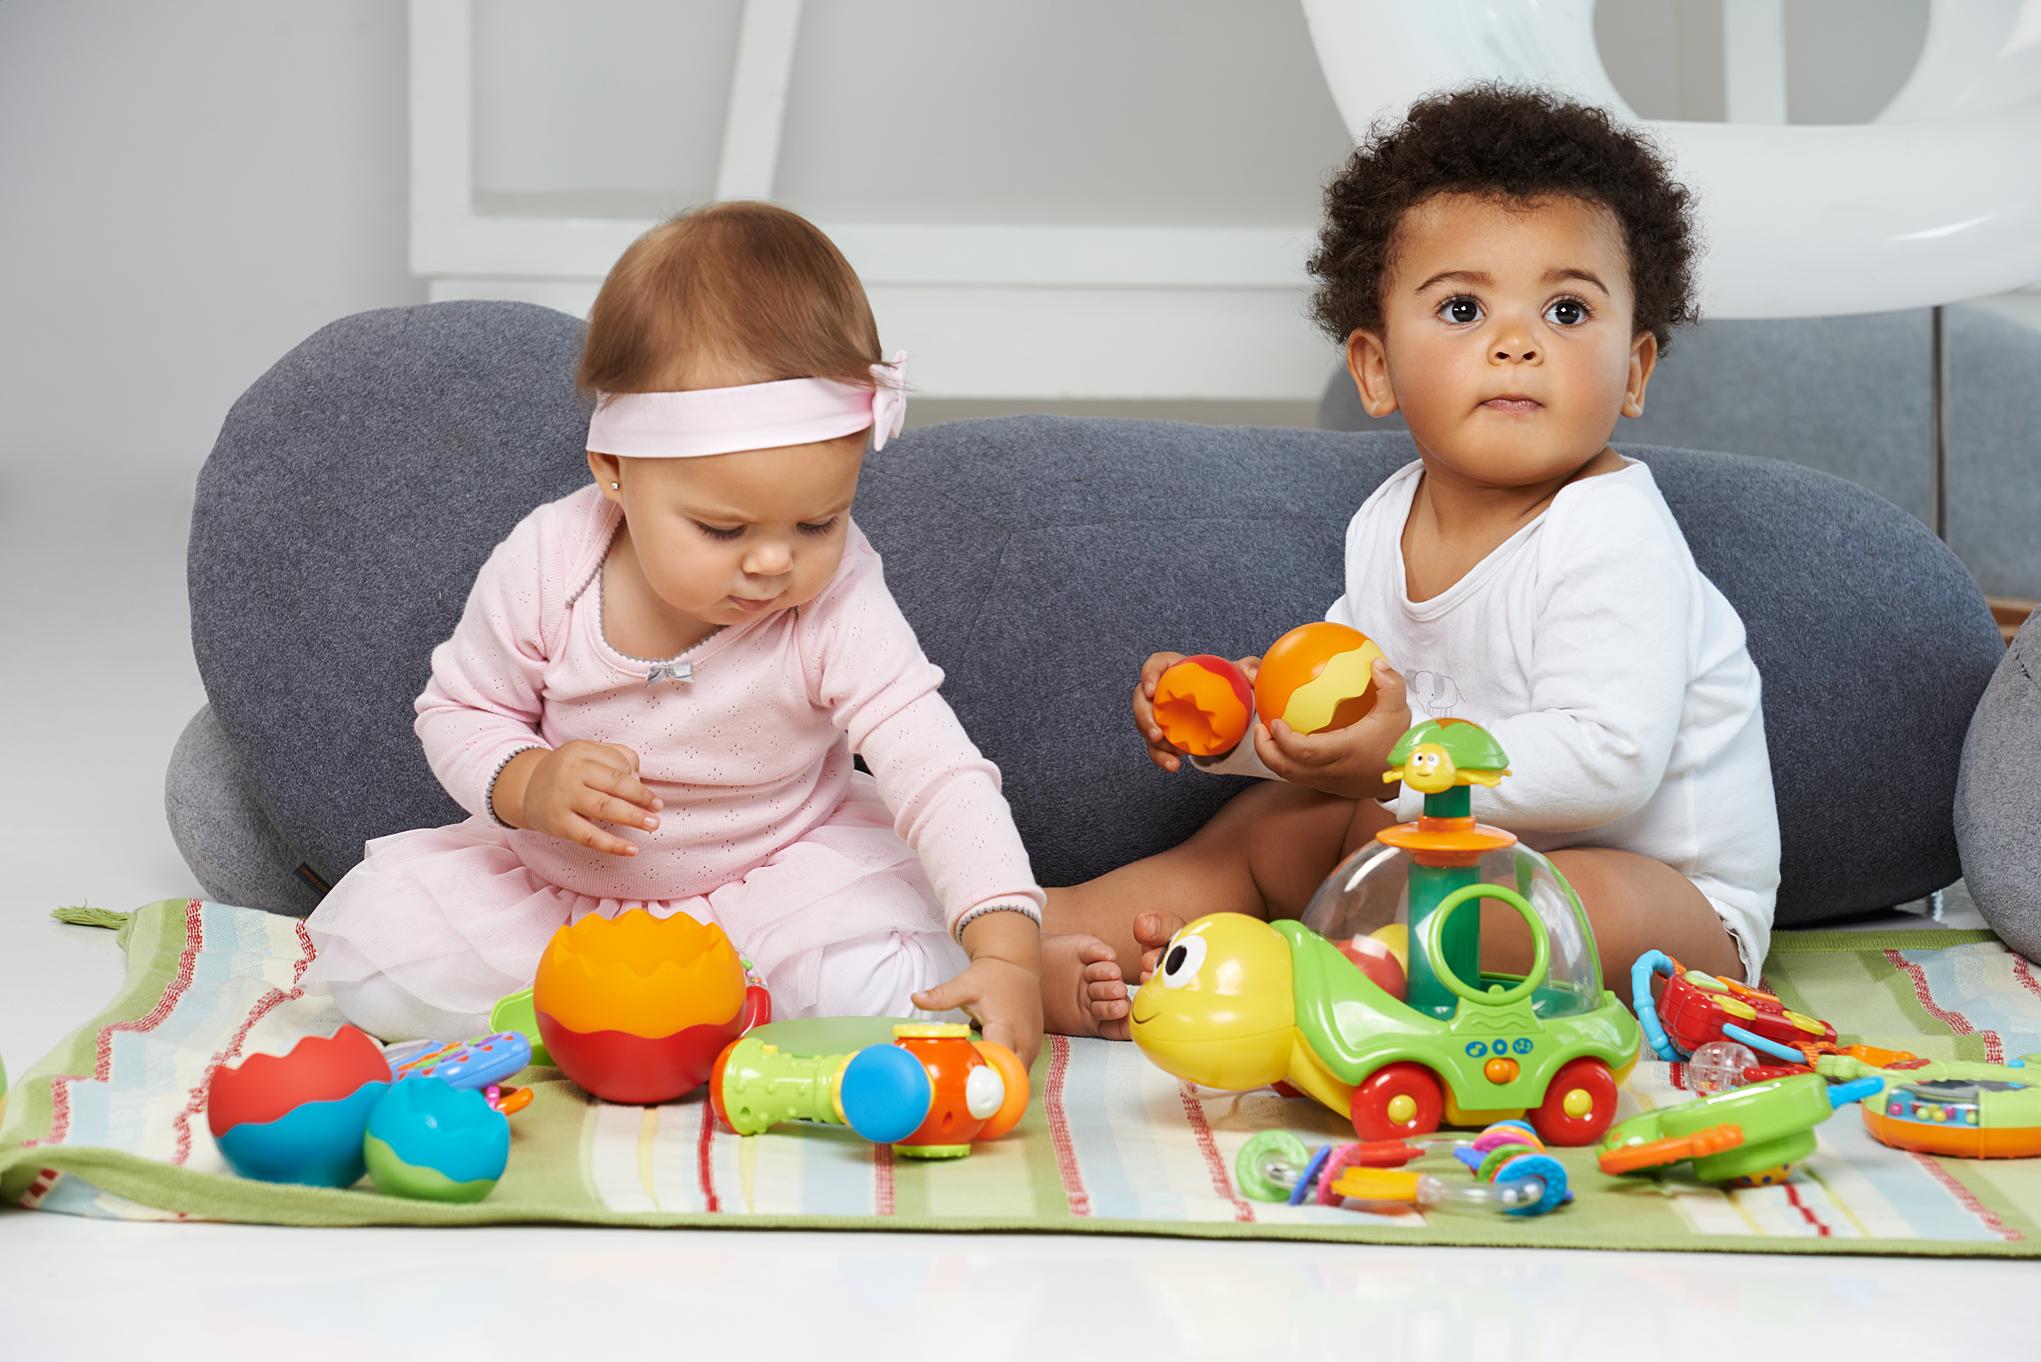 Сбор заказов. Экспресс. Товары для малышей Пома, Happy Baby, Бусинка, Maman, детская косметика AQA Baby, Sanosan, Gloffy. Постоплата 15%!